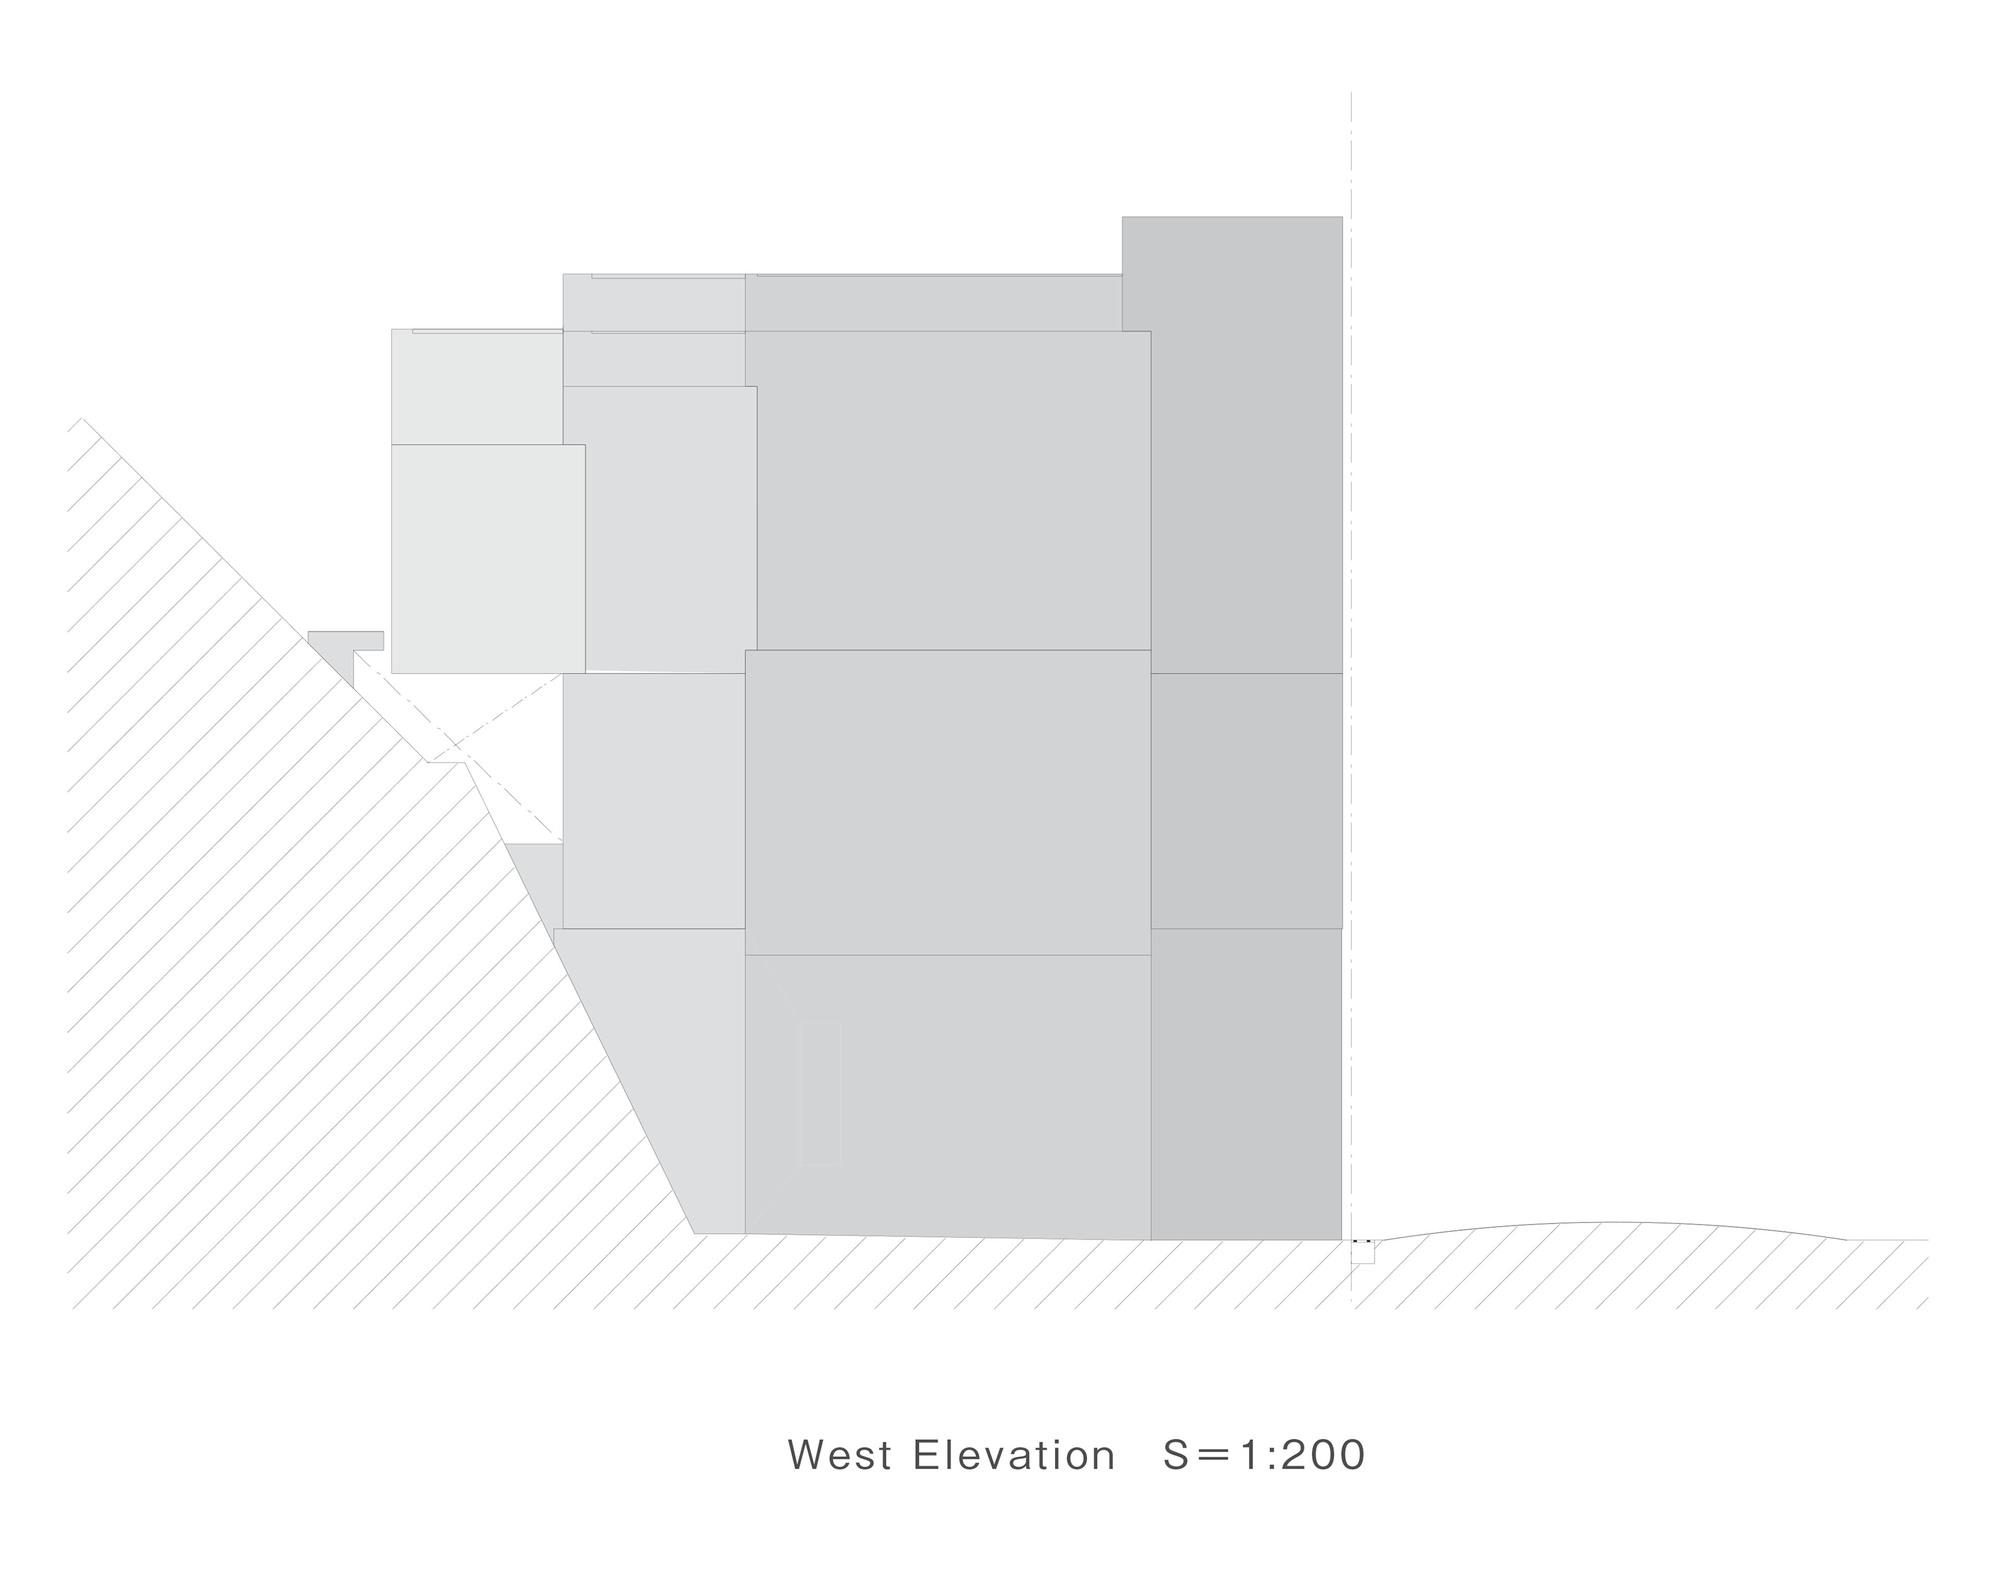 Galeria de casa deslizante y m design office 32 for Design office 4100